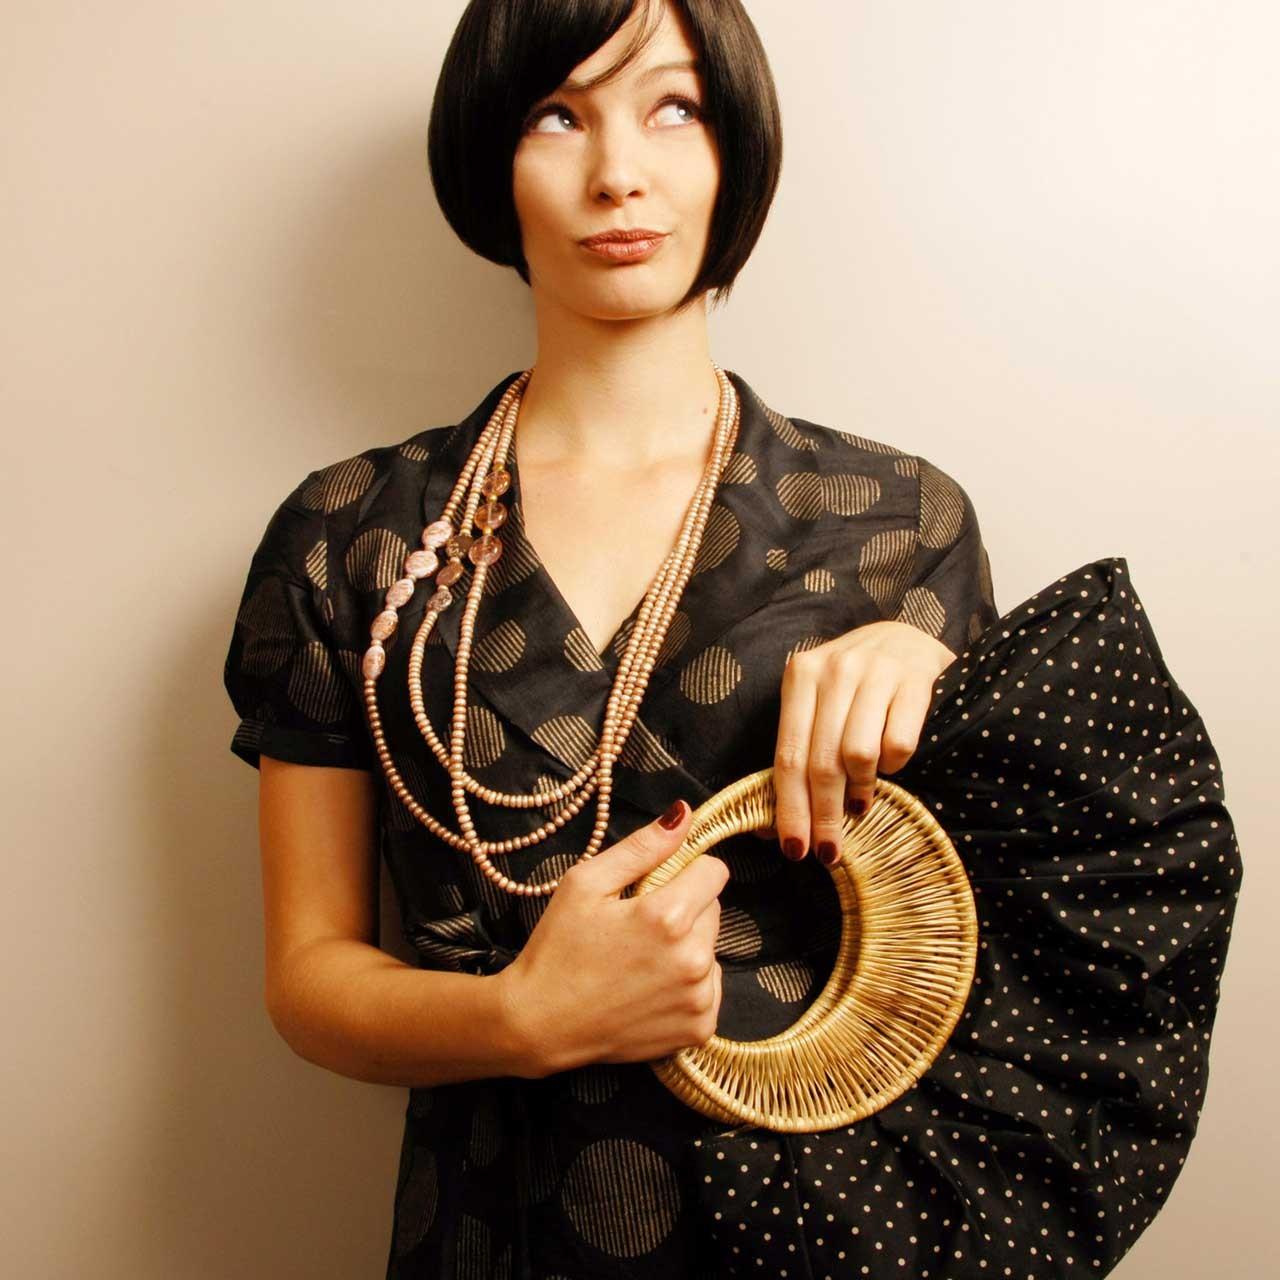 Les femmes birmanes y confectionnent des sacs et des bijoux, qui sont ensuite vendus sur les marchés locaux et occidentaux.